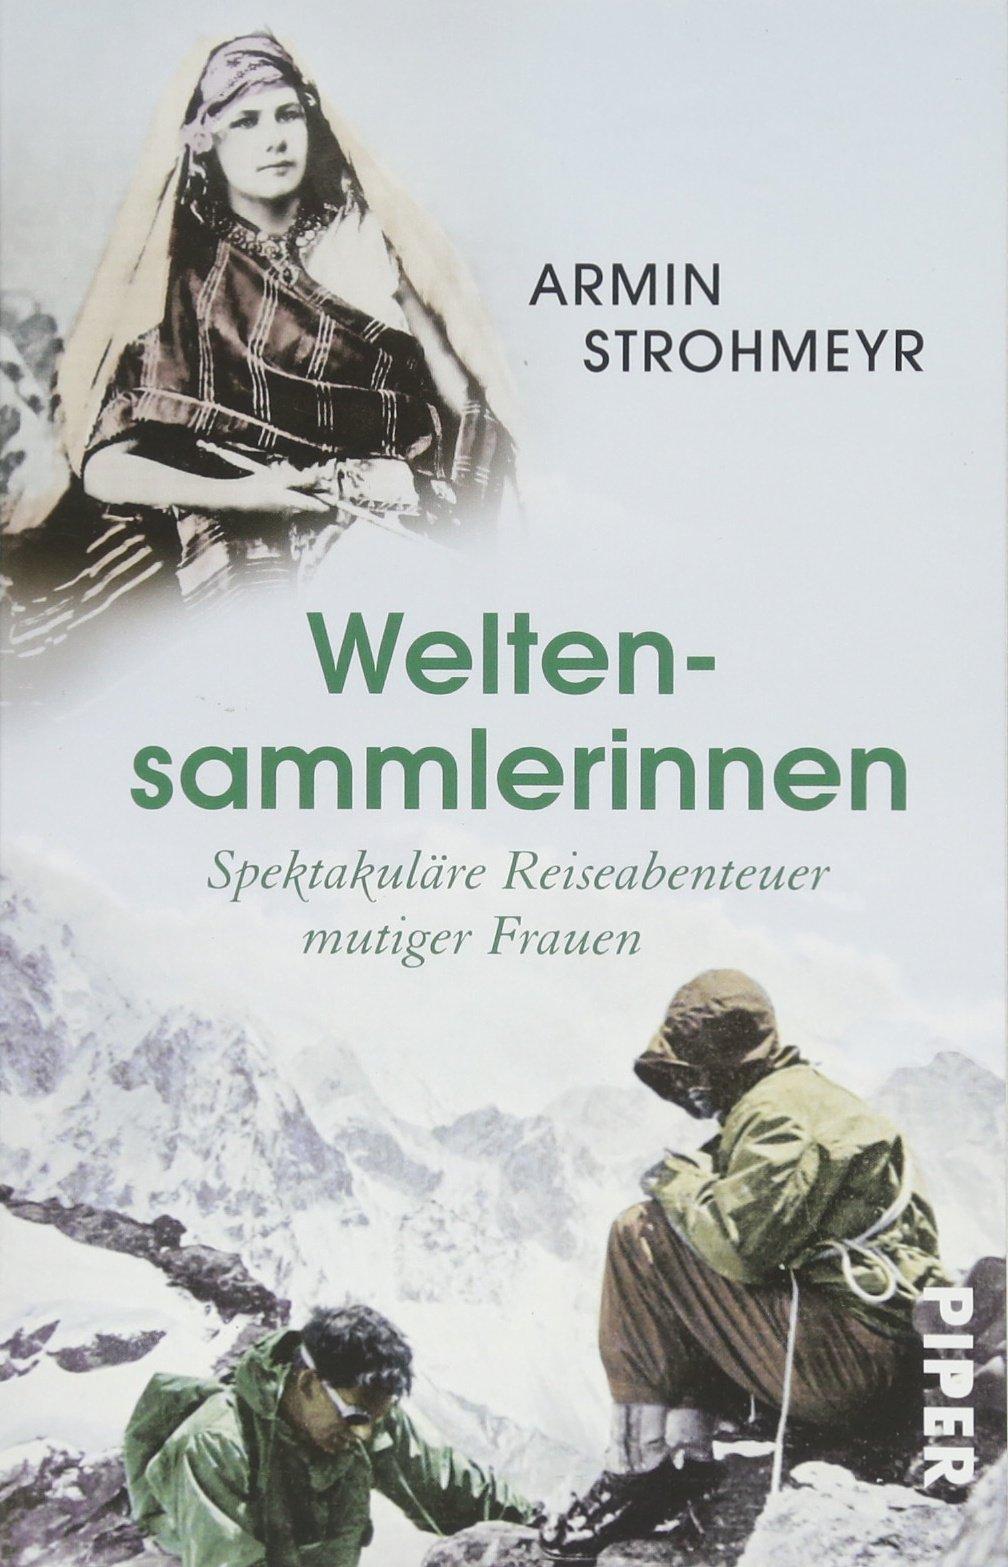 Weltensammlerinnen: Spektakuläre Reiseabenteuer mutiger Frauen Taschenbuch – 1. Juni 2018 Armin Strohmeyr Piper Taschenbuch 3492309666 Reiseberichte / Welt gesamt